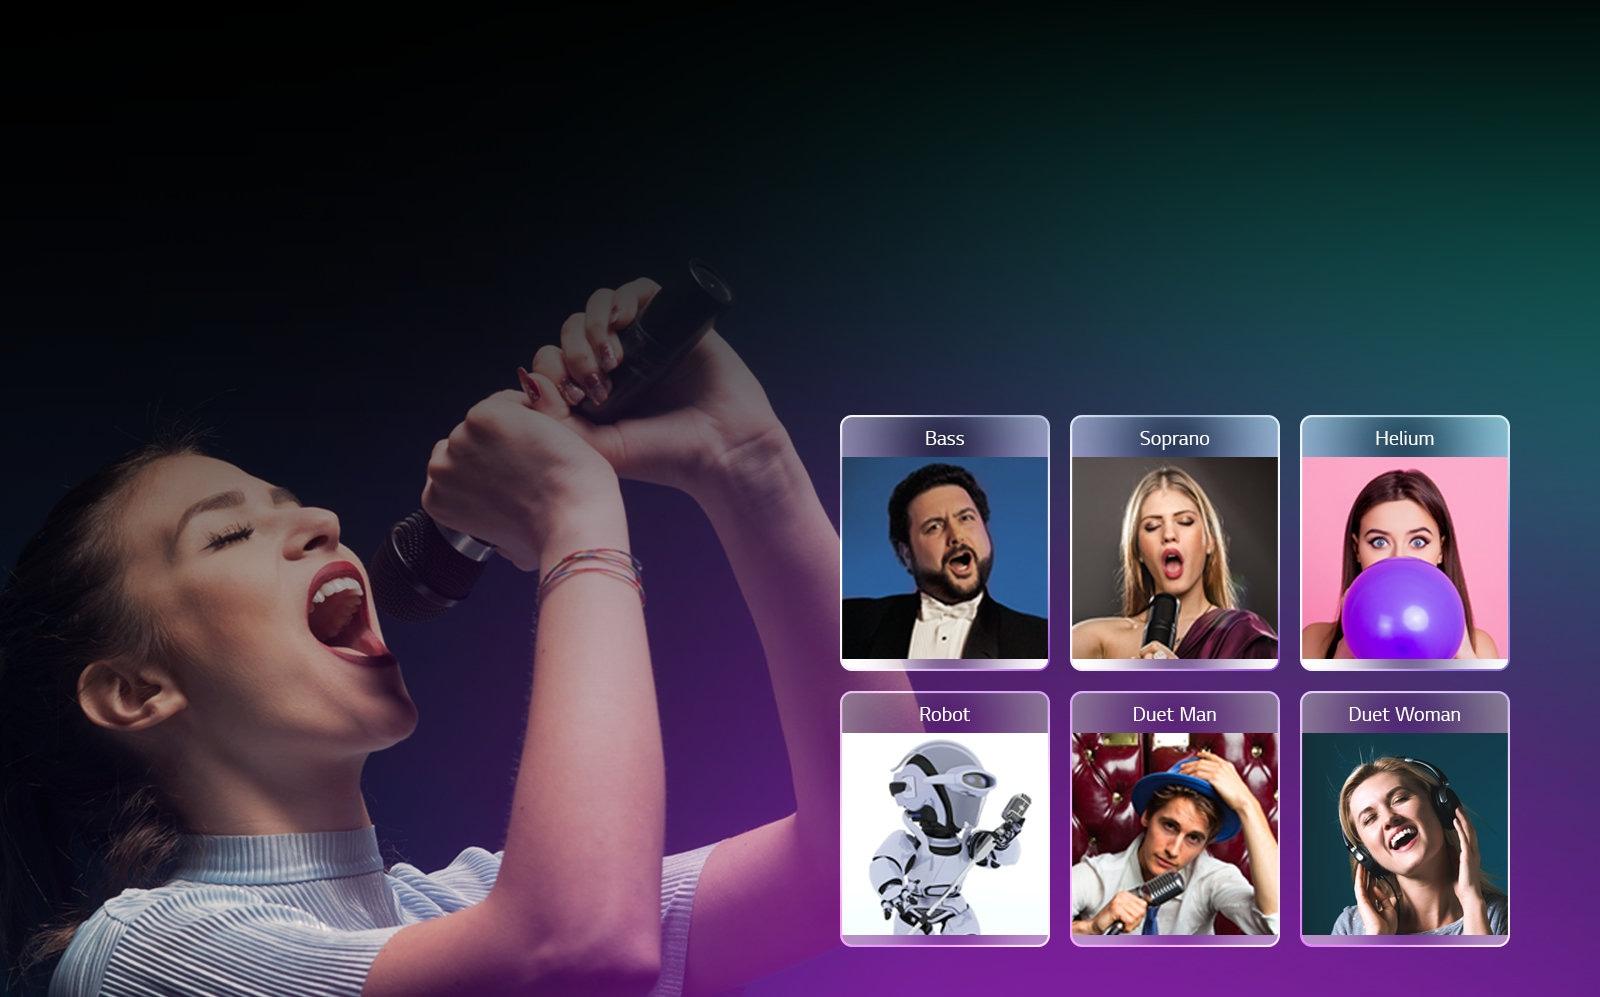 Diviertete cantando con efectos vocales1